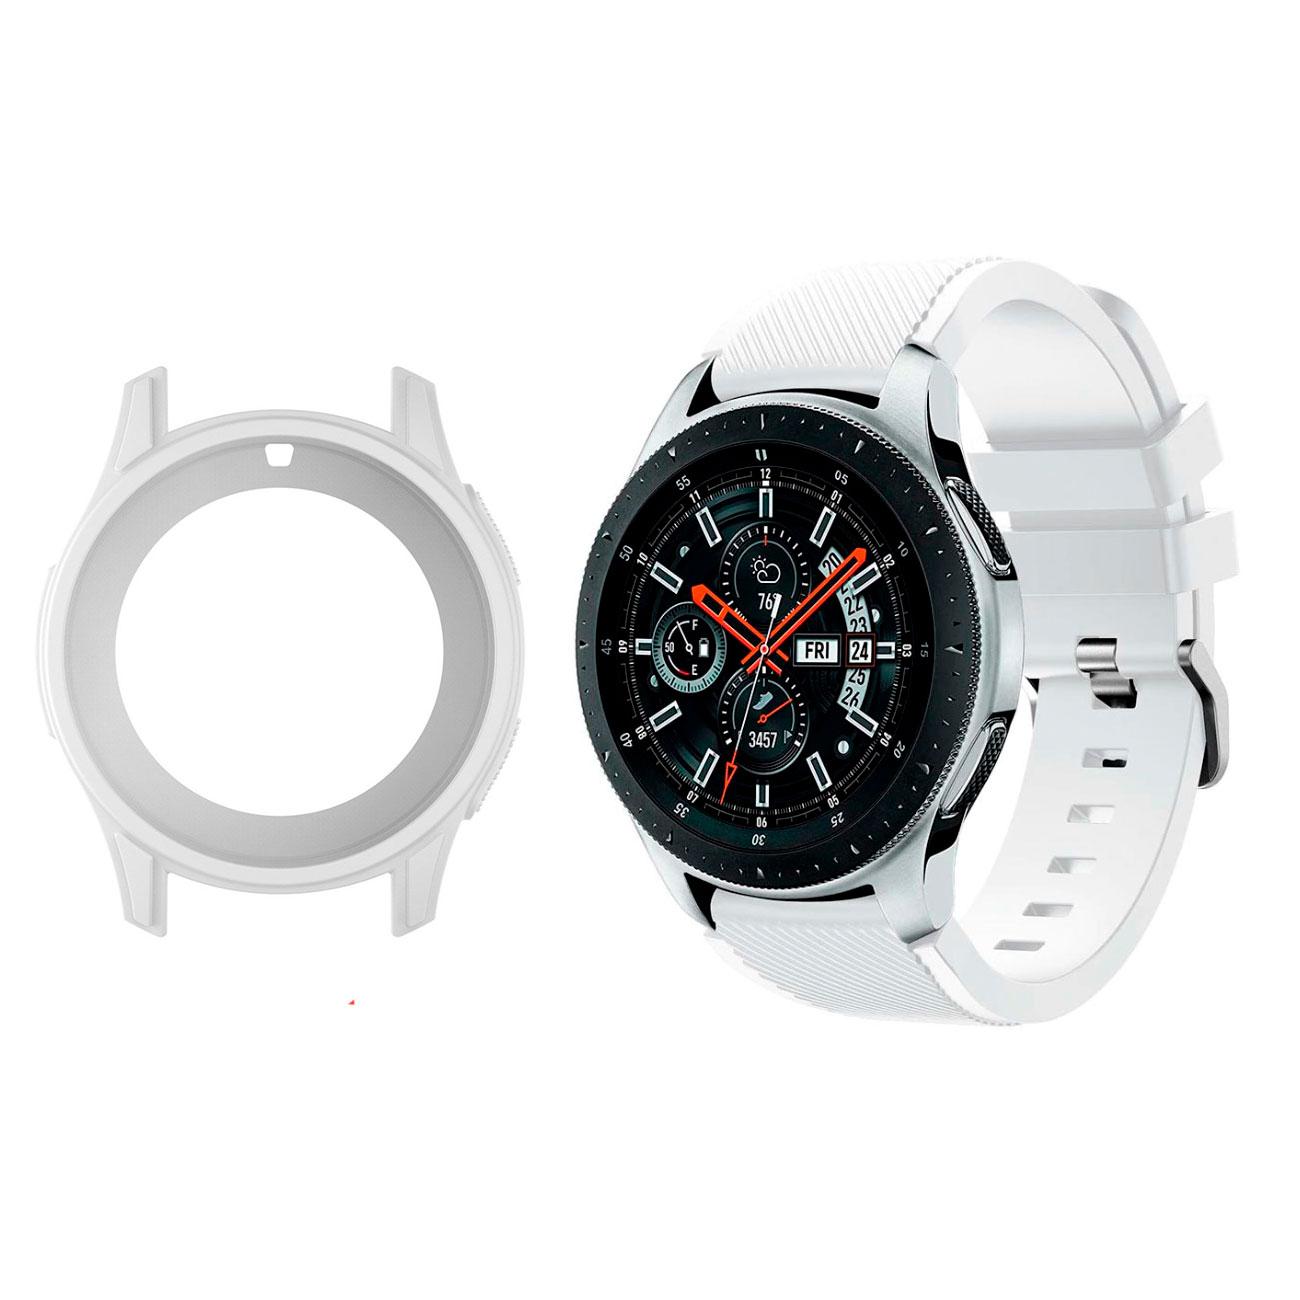 Комплект: силиконовый ремешок белый + чехол белый для Samsung Gear S3 Frontier / Samsung Galaxy 46mm